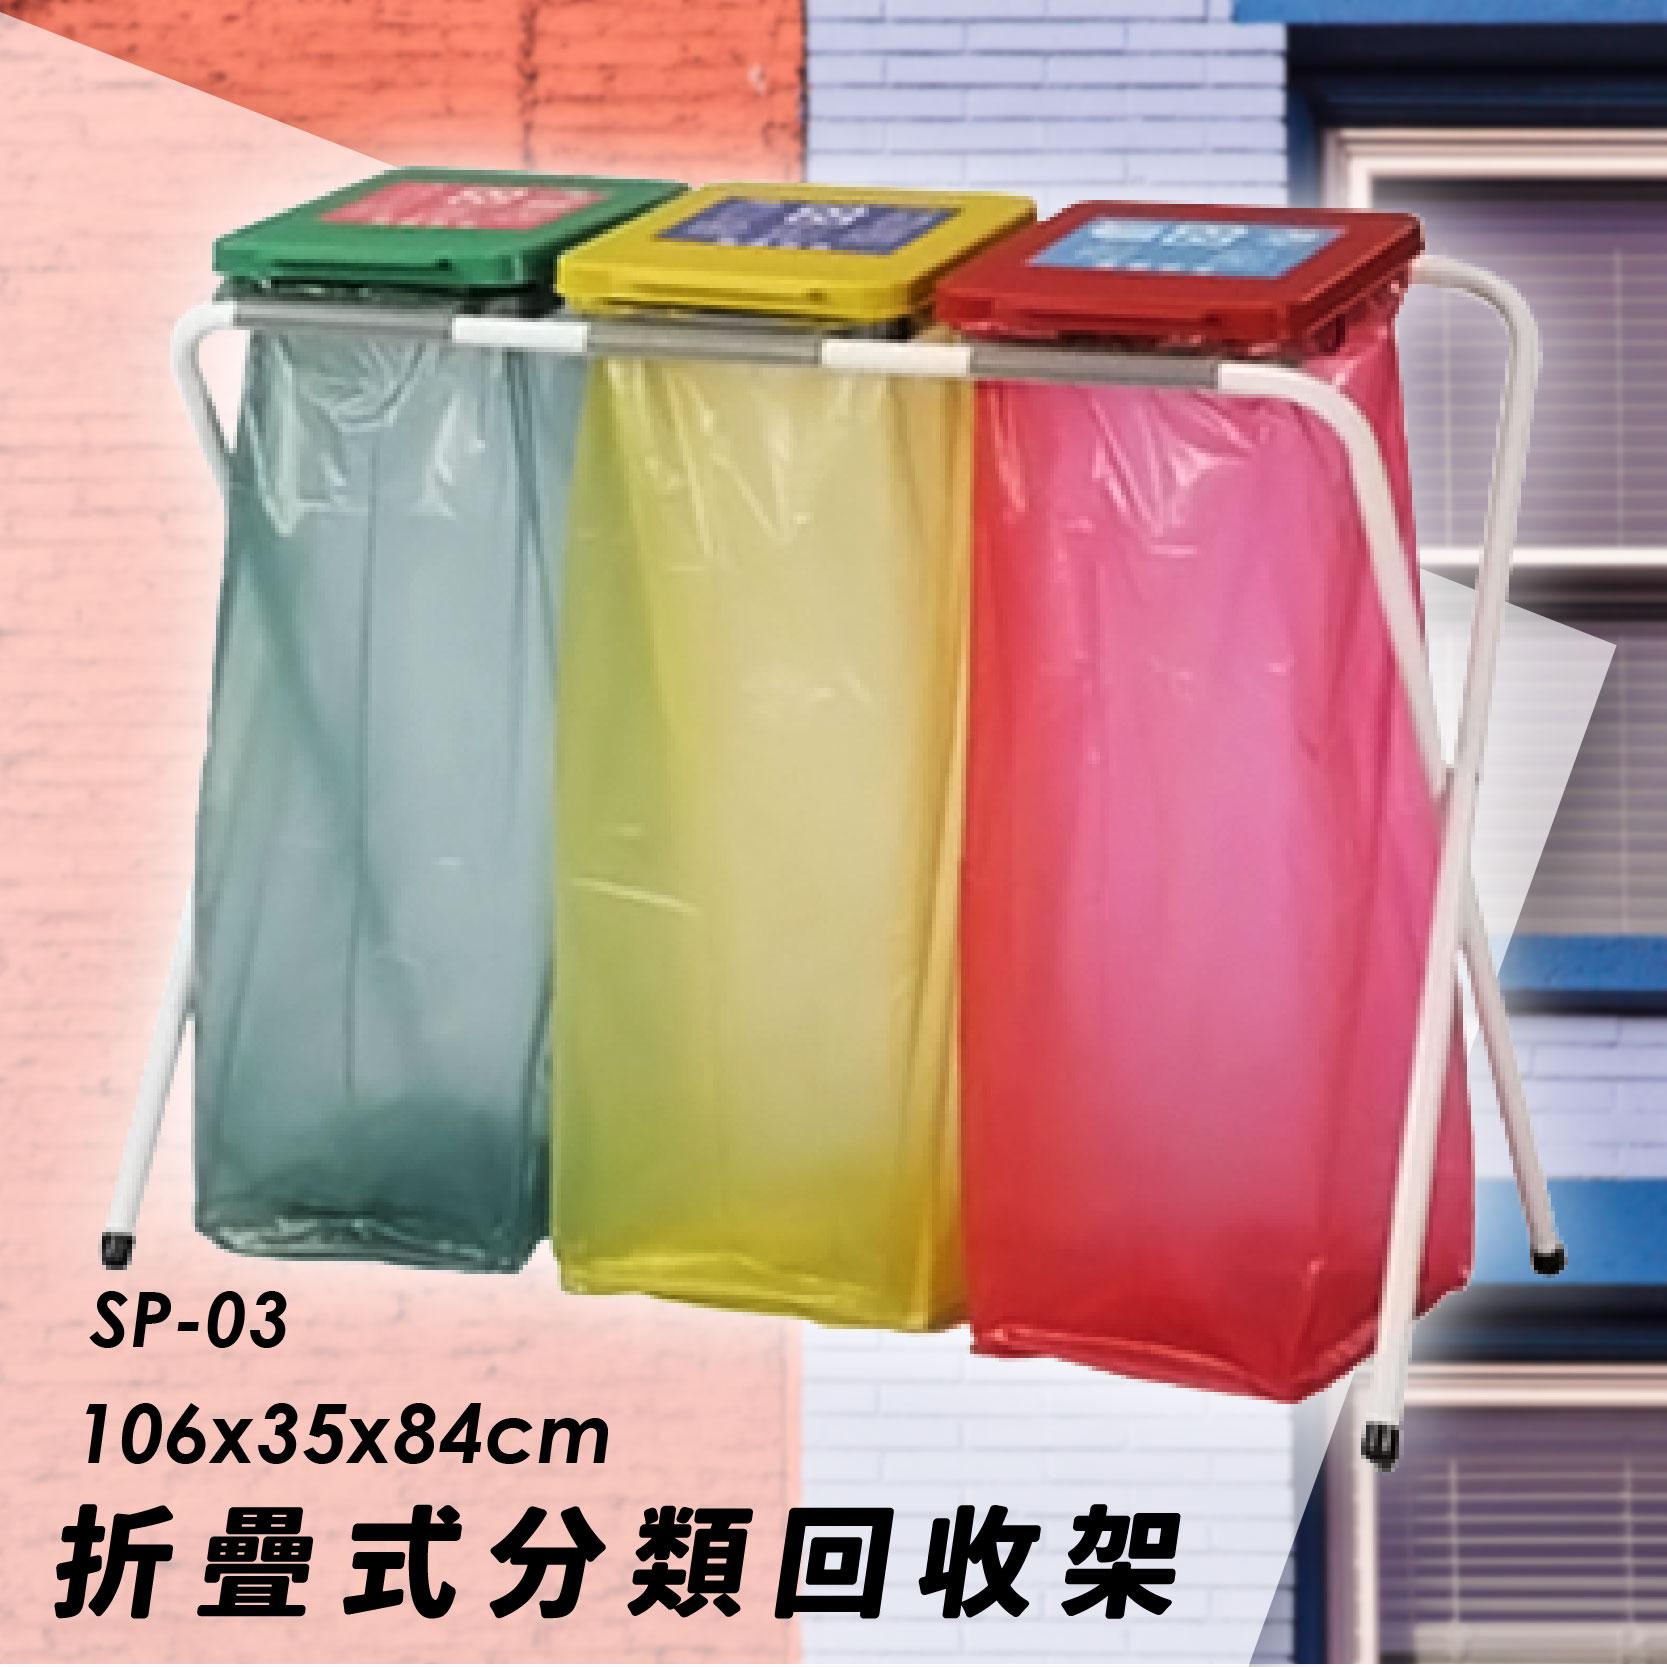 SP-03 三分類折疊式分類回收架(51公升/個) 回收桶 資源回收桶 環保分類桶 分類垃圾桶 鋼管 環境清潔 歐洲認證